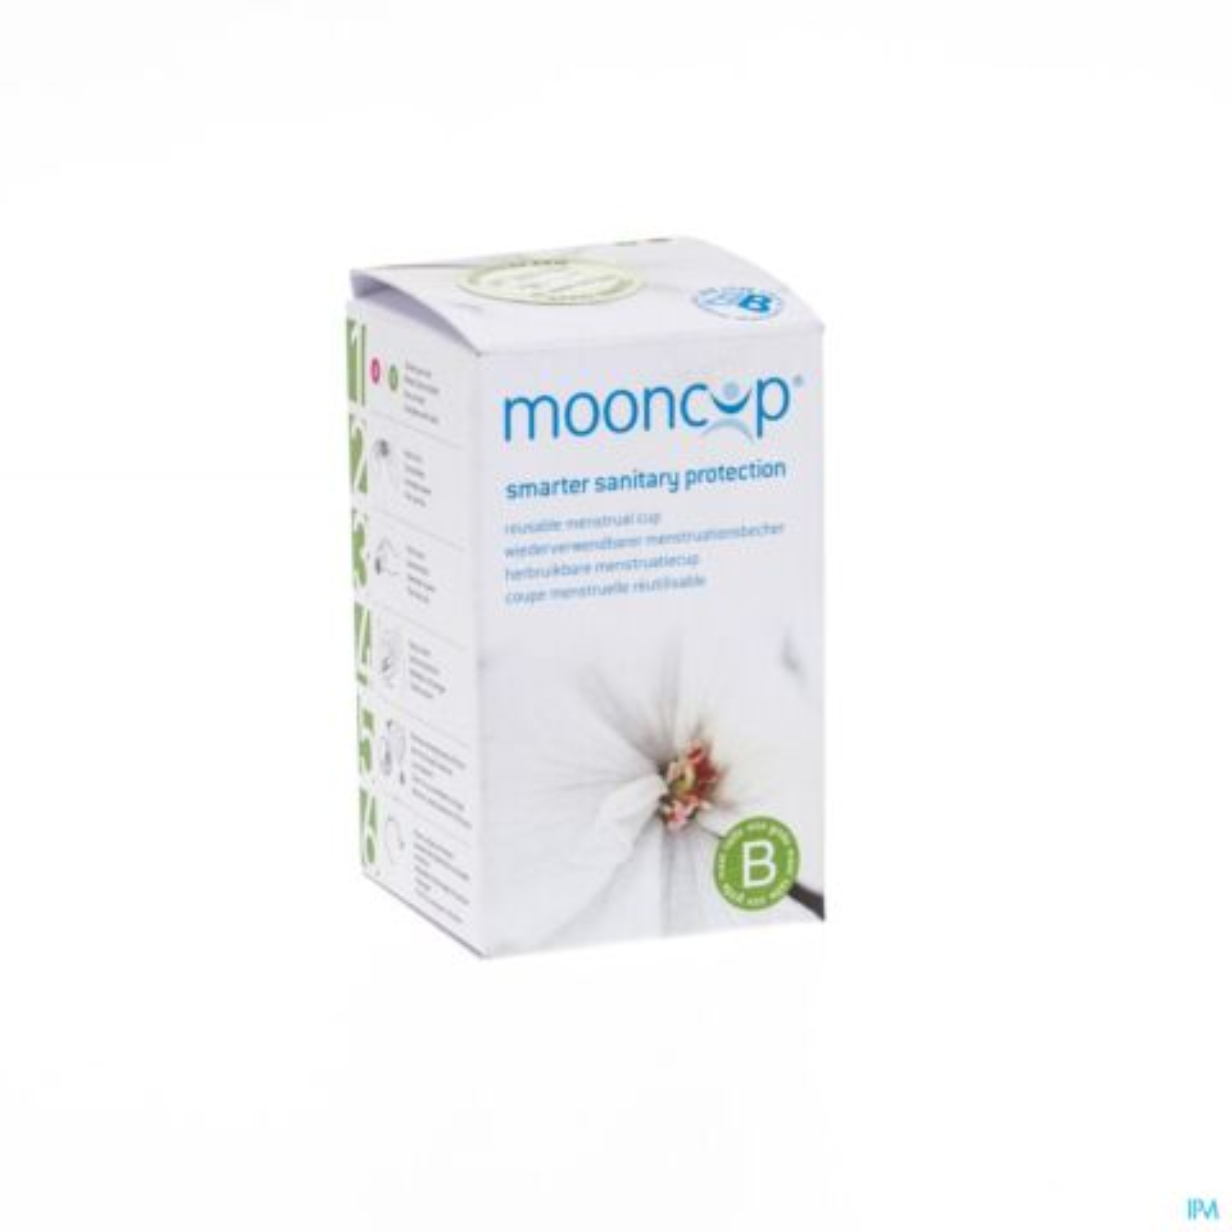 MOONCUP COUPE MENSTRUELLE REUTILISABLE TAILLE B 1